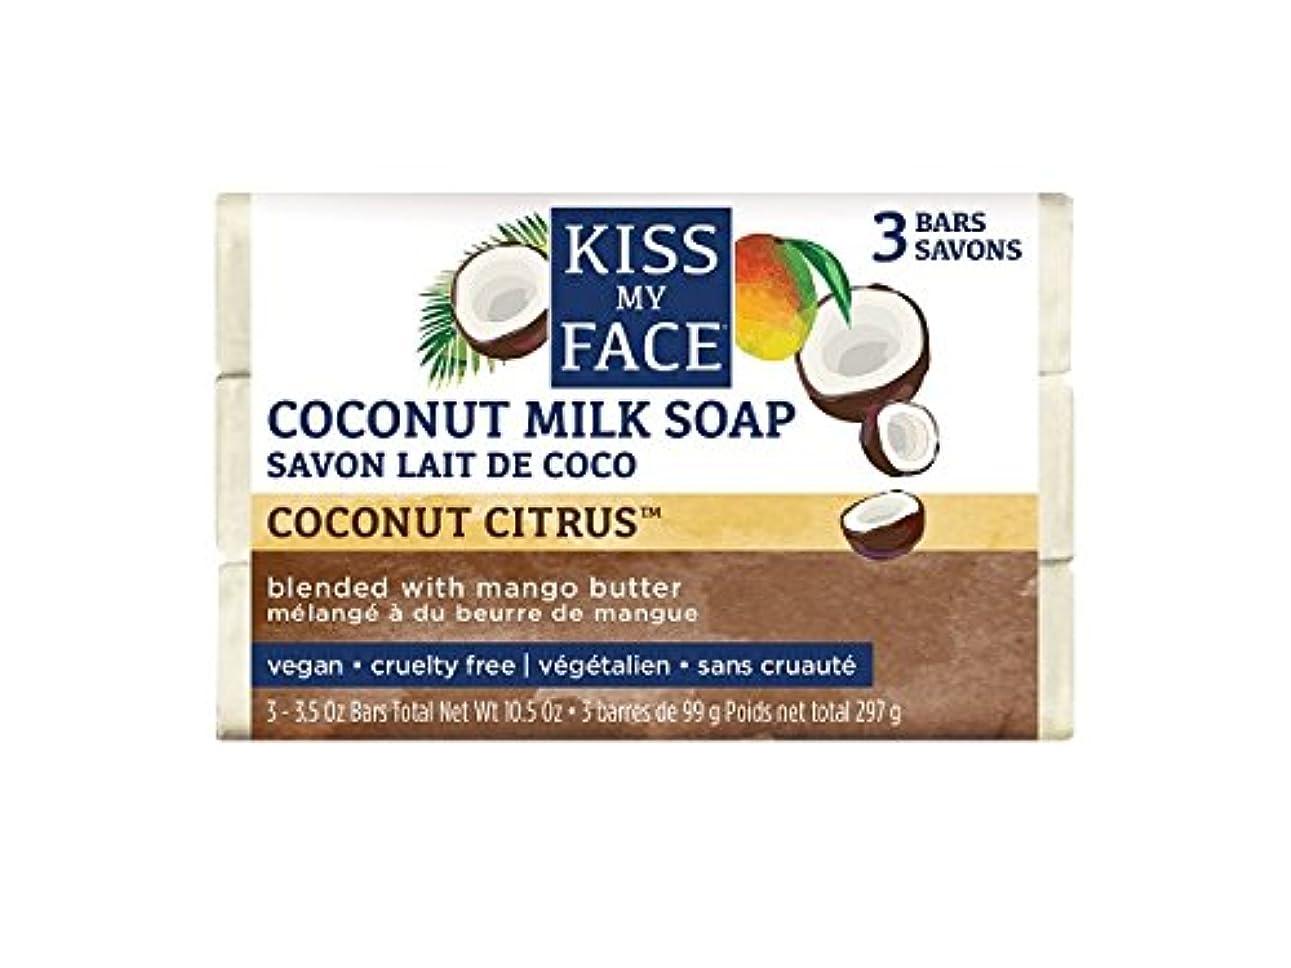 クリーナー大いに学習者Kiss My Face - ココナッツミルク棒石鹸 - 3パック - 10.5ポンド